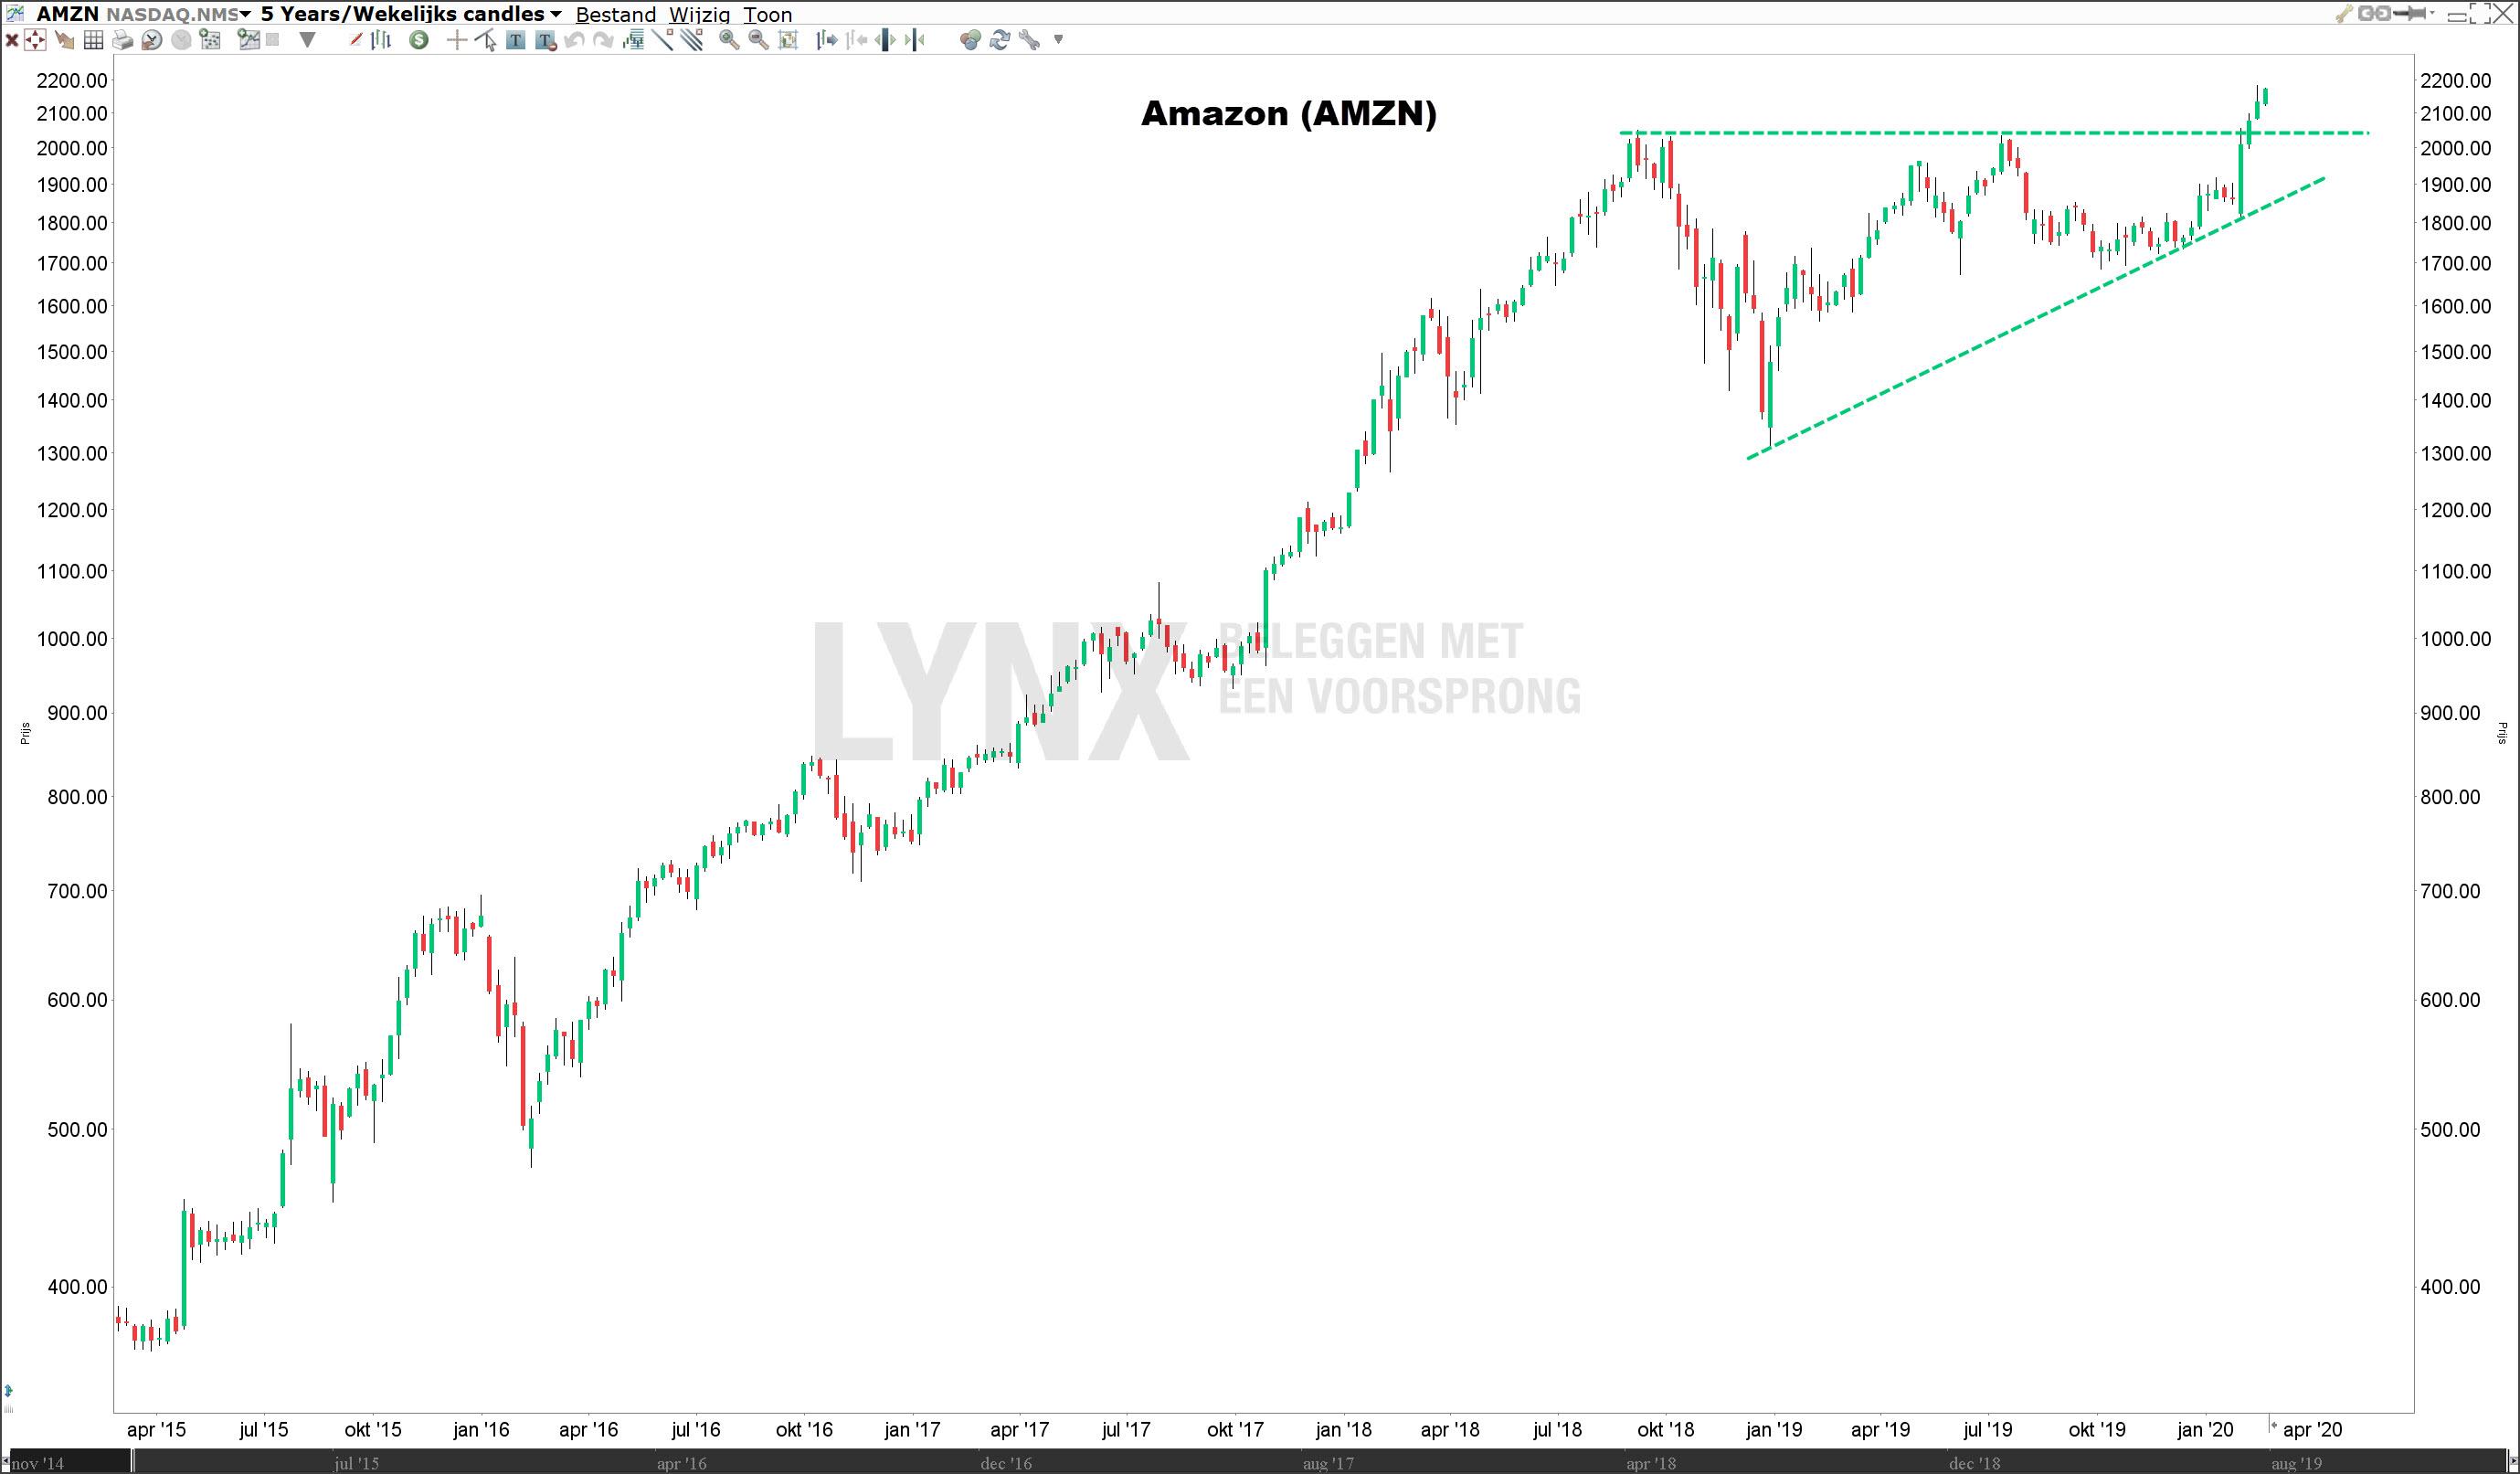 Beleggen in technologie aandelen - Aandeel Amazon